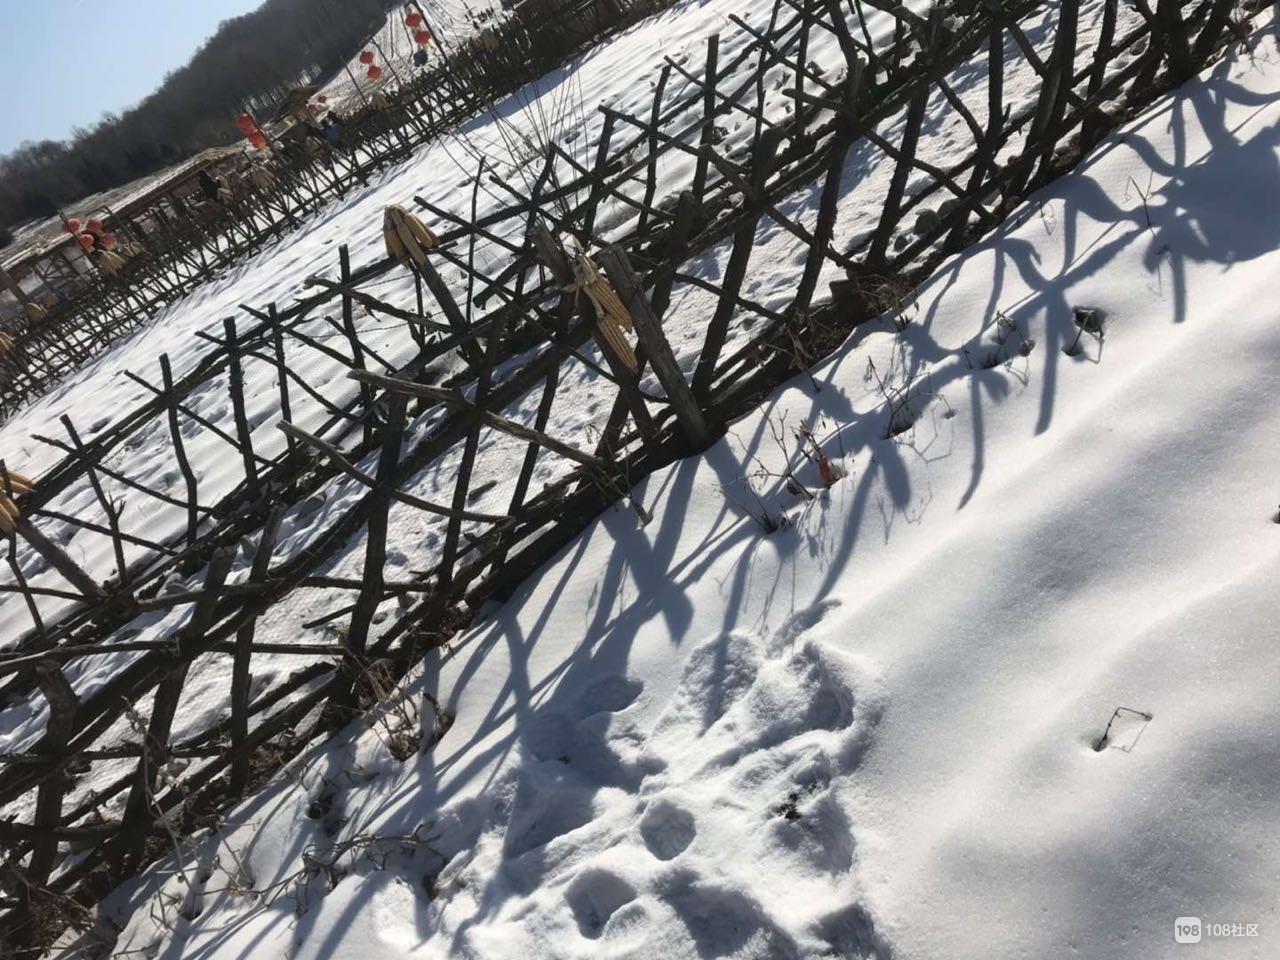 社友带你体验雪地摩托、雪人飞镖…还有实在的东北大通铺炕!